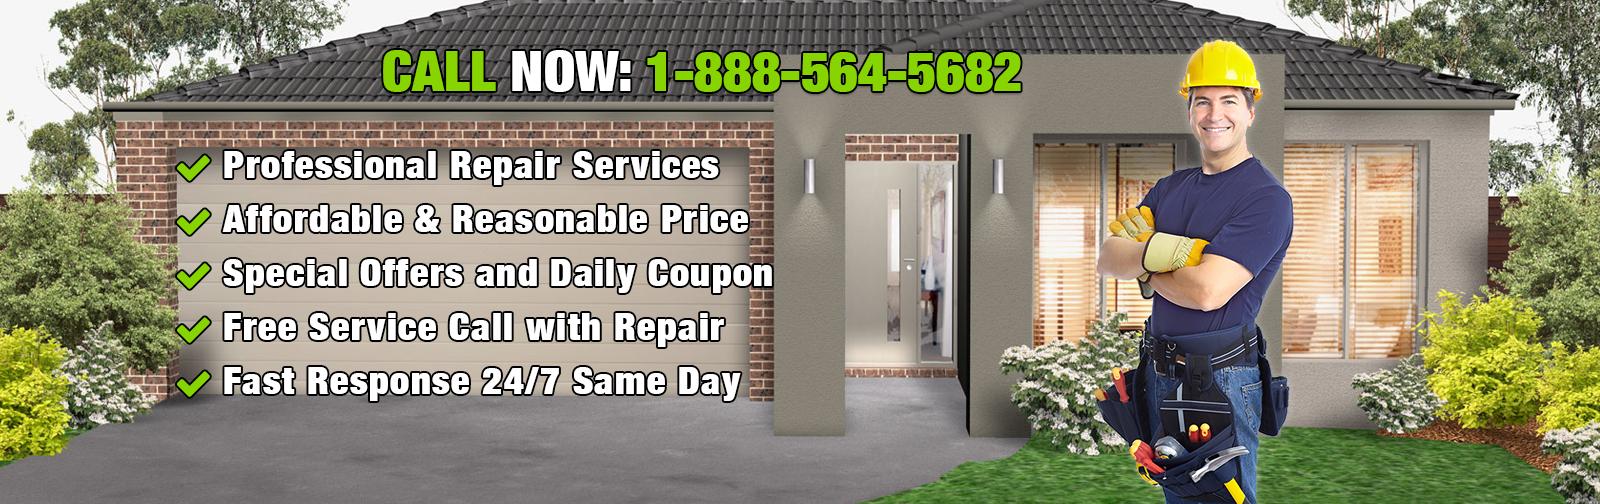 day t garage gate service get same your keller repair services tx garagedoorrepair open can door